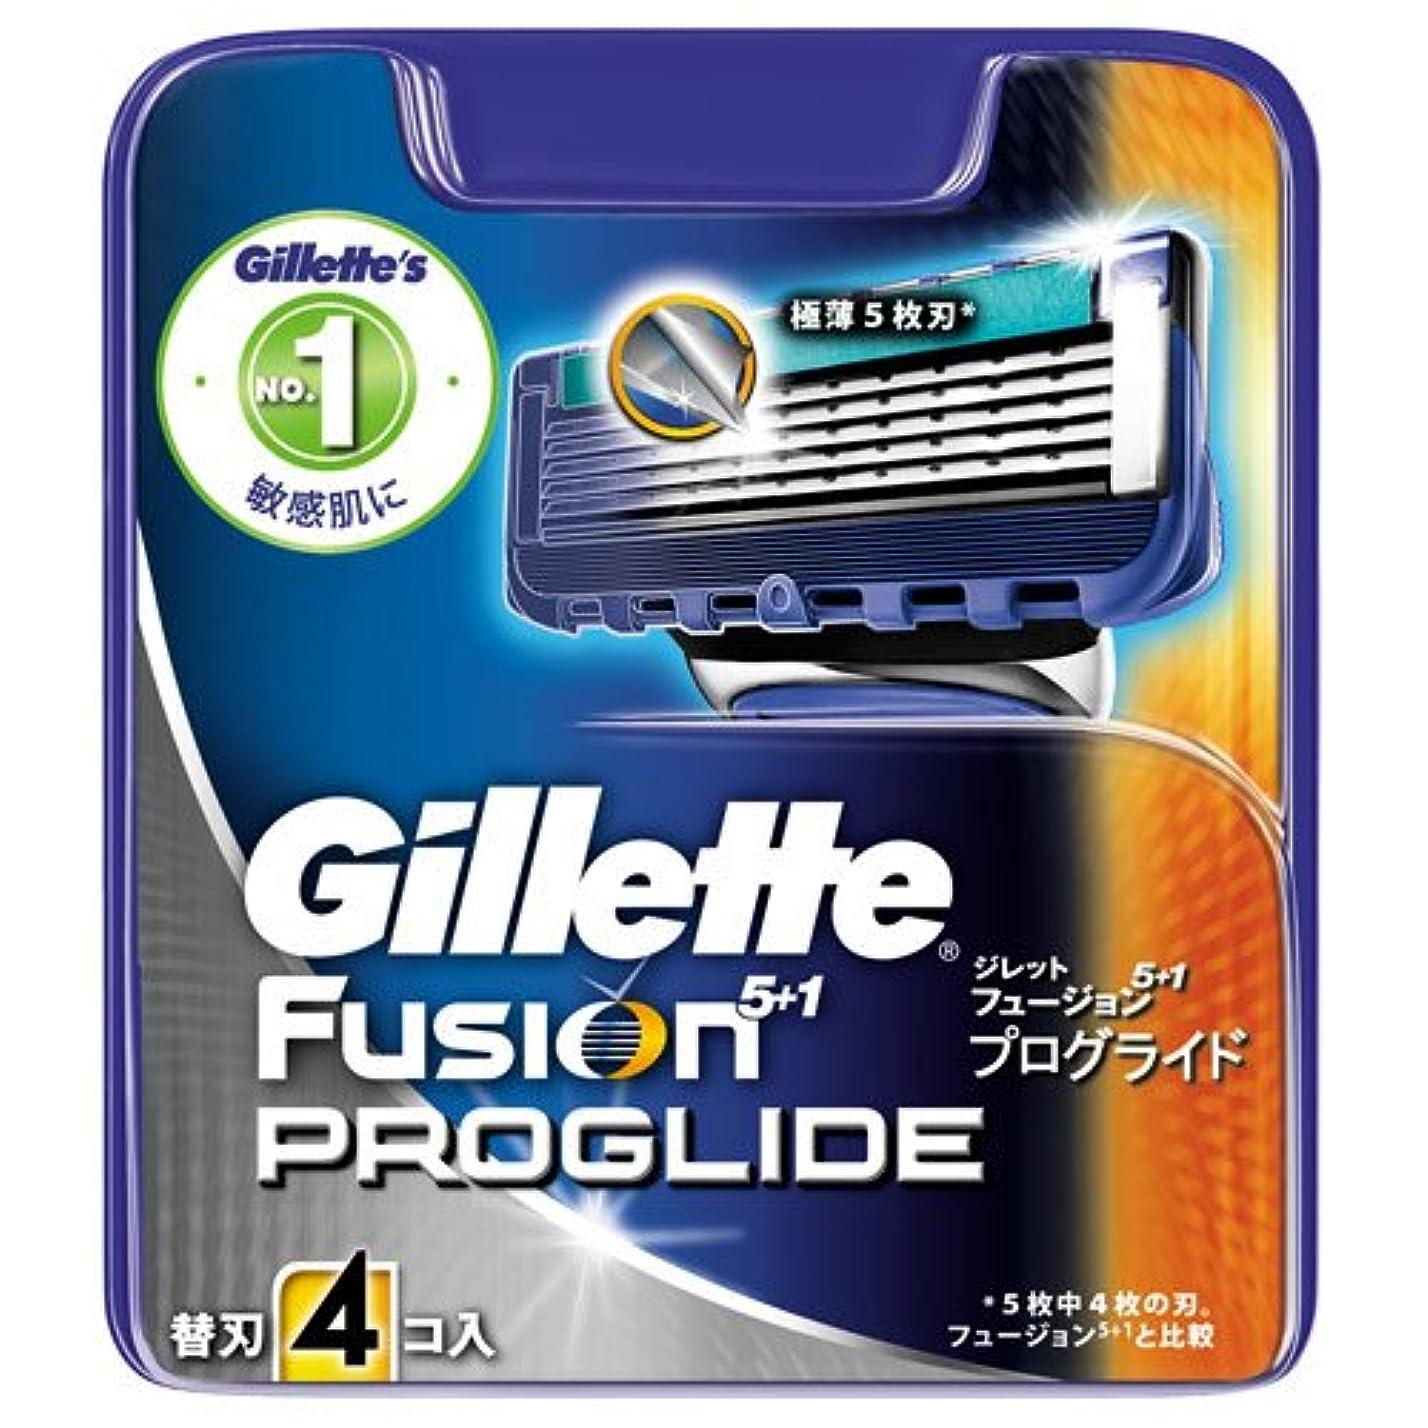 肘霧食べるジレット プログライドマニュアル 専用替刃 4B